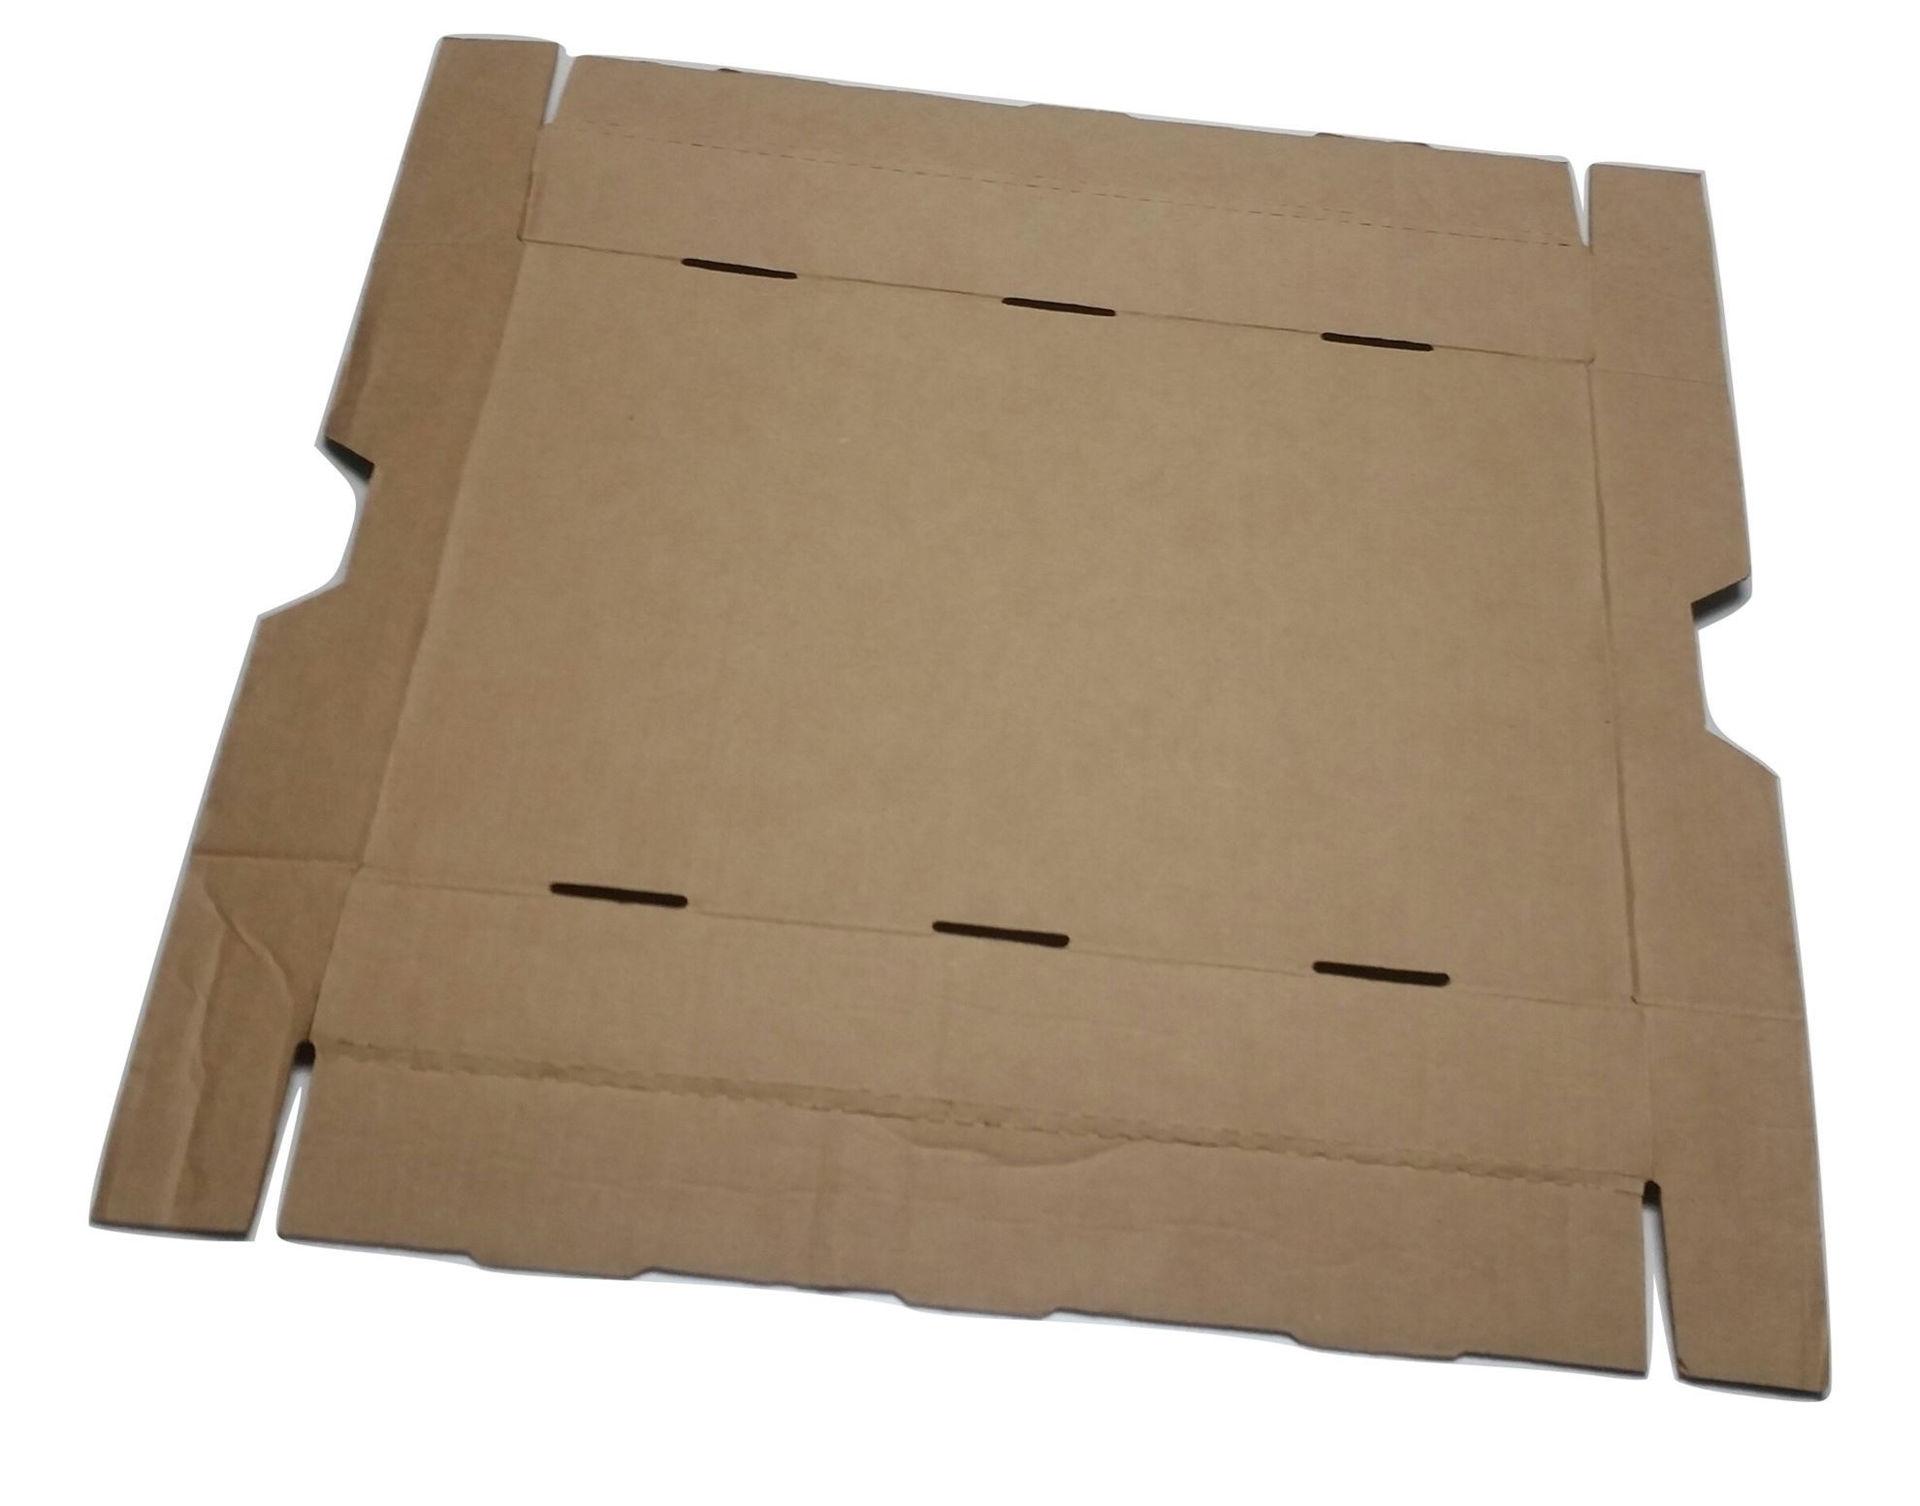 Brown F/S Storage Box w/Lid - Flat